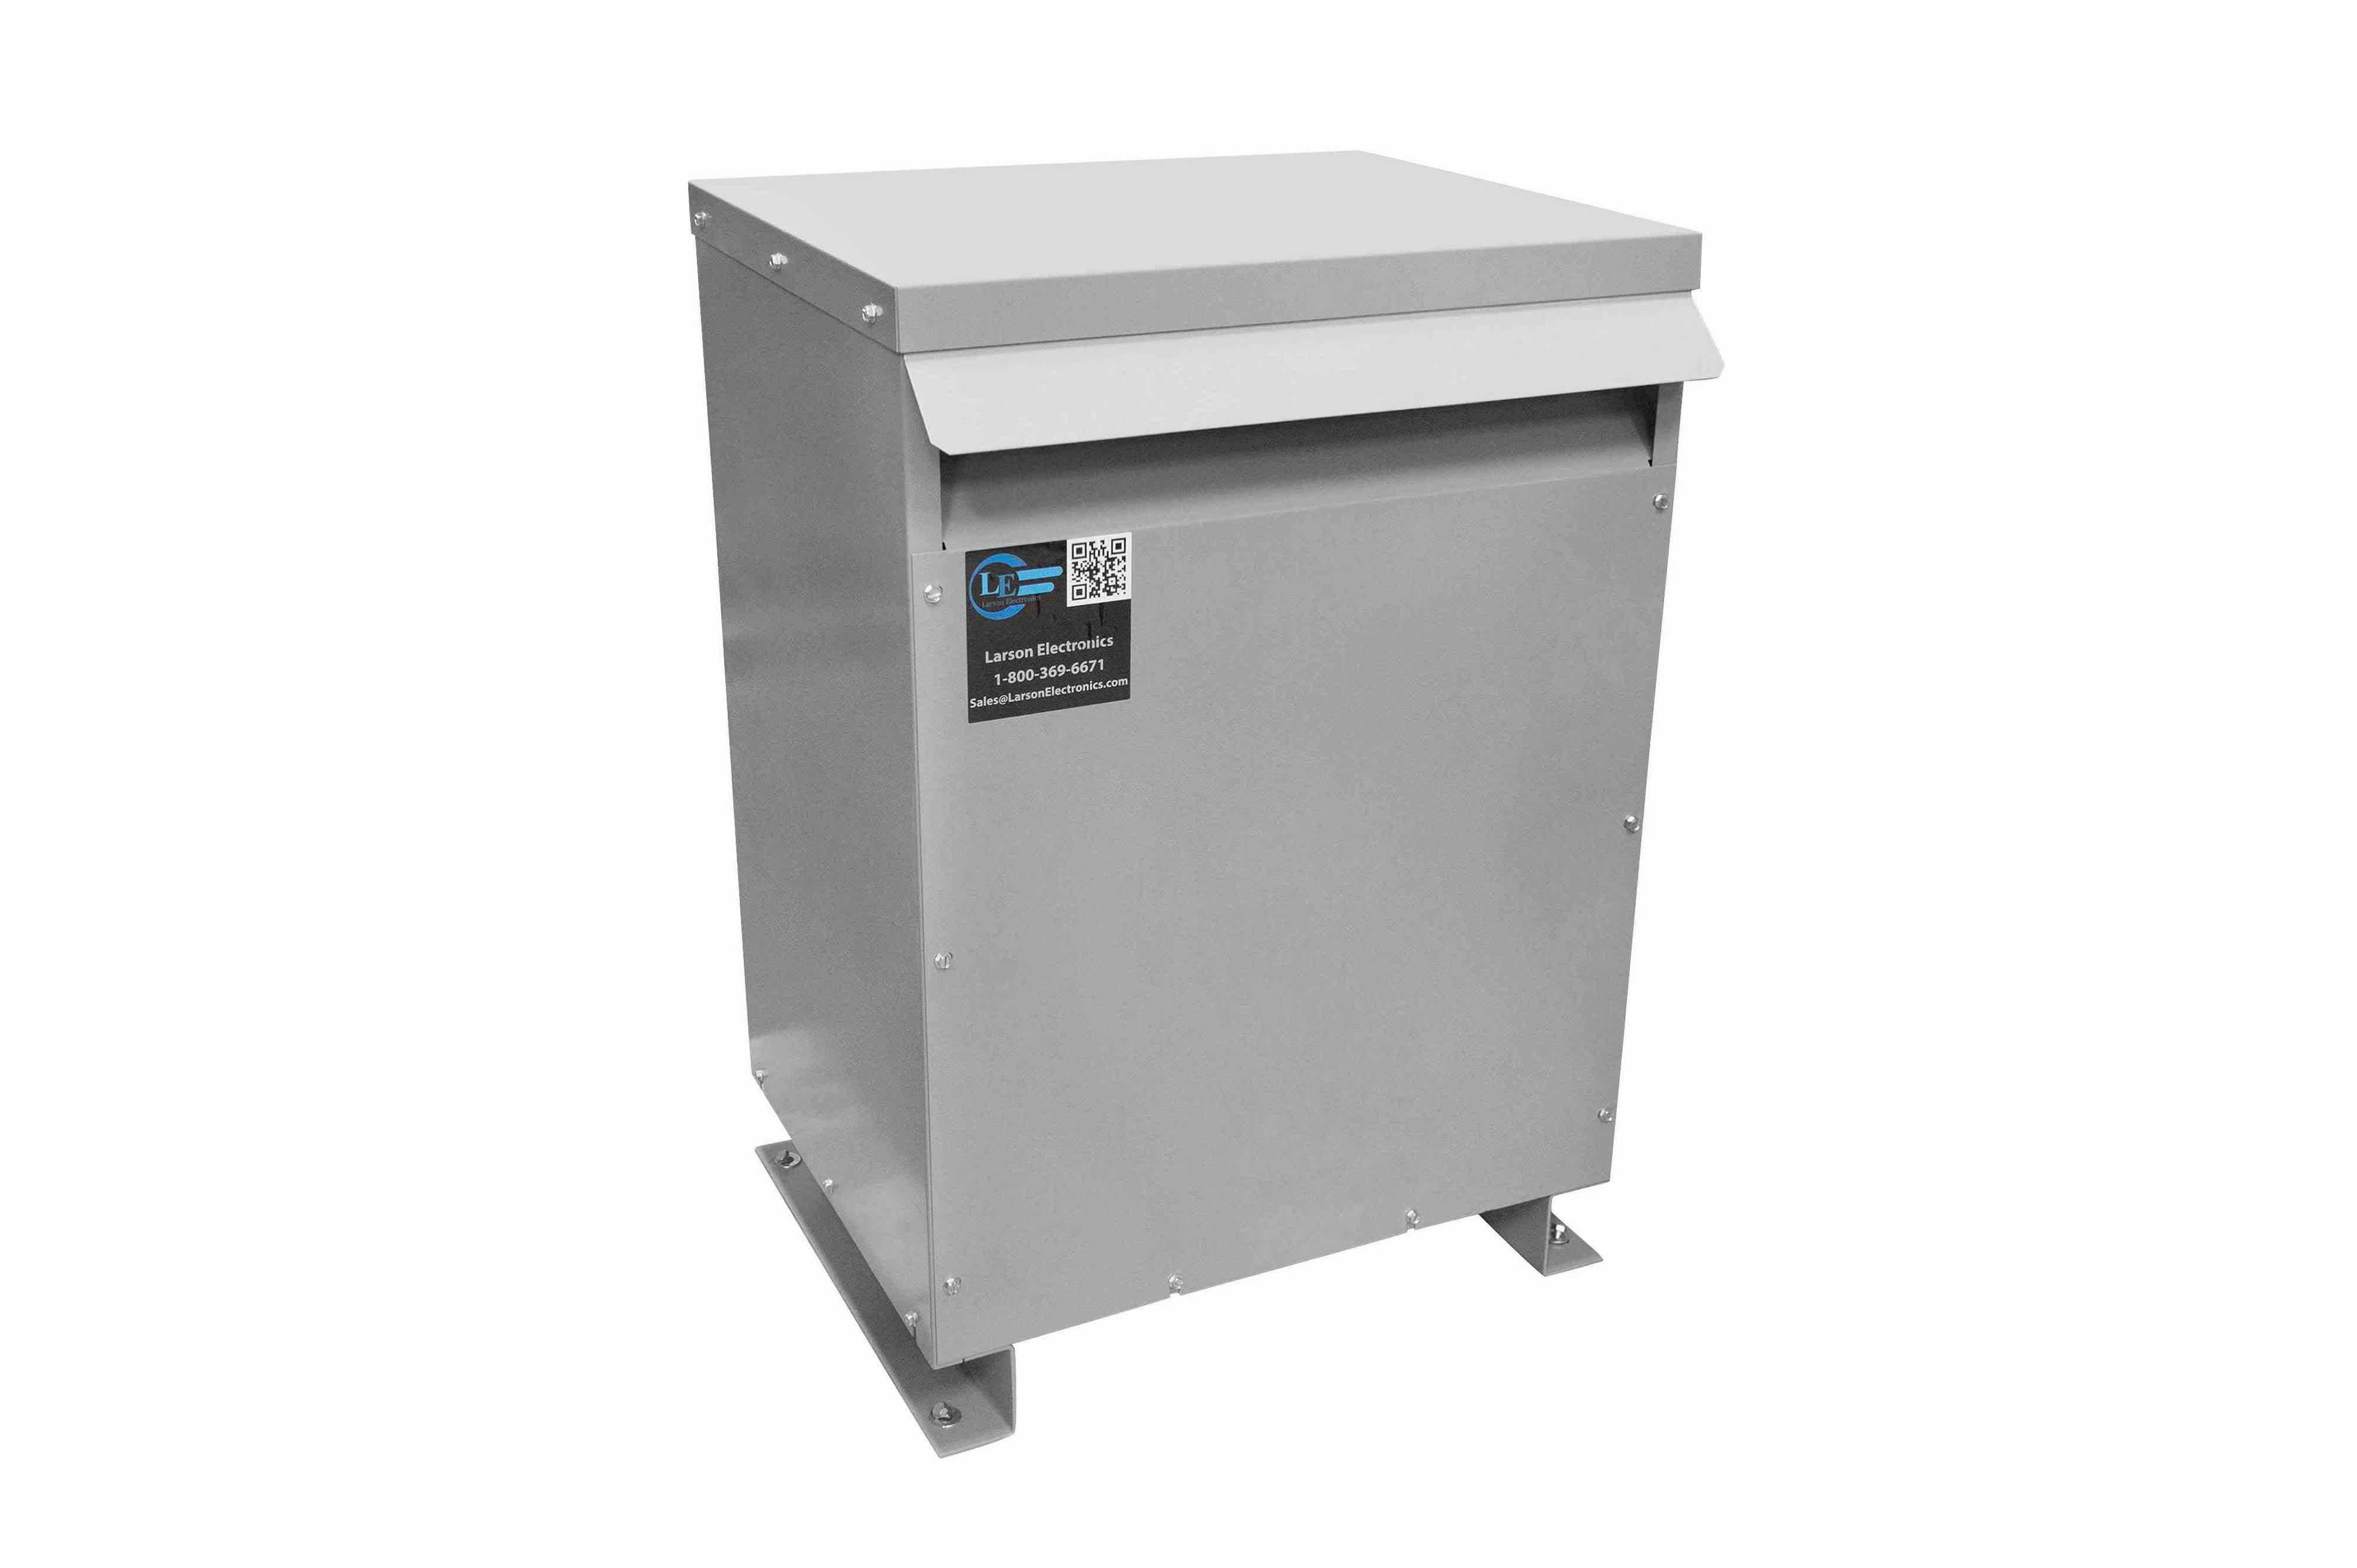 26 kVA 3PH Isolation Transformer, 460V Delta Primary, 240 Delta Secondary, N3R, Ventilated, 60 Hz